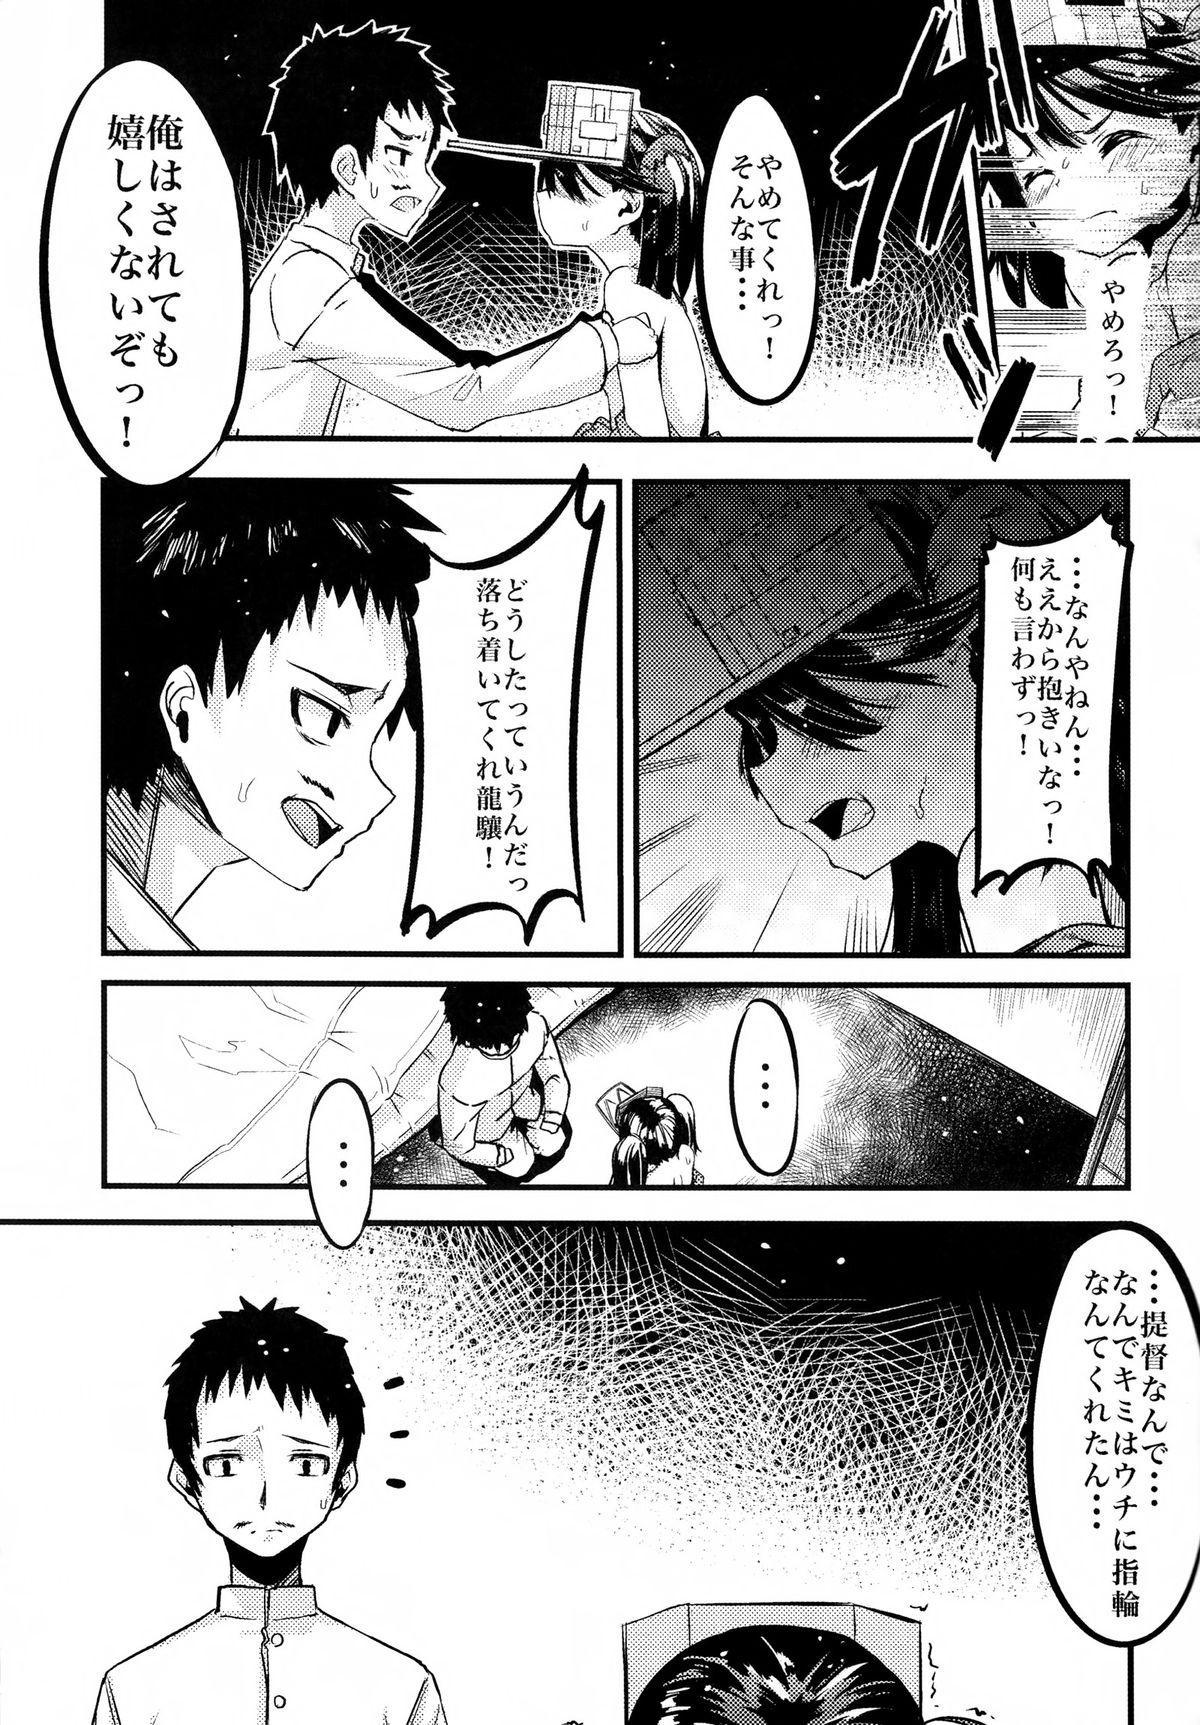 Ryuujou to Junai shi Taosu Hon 7